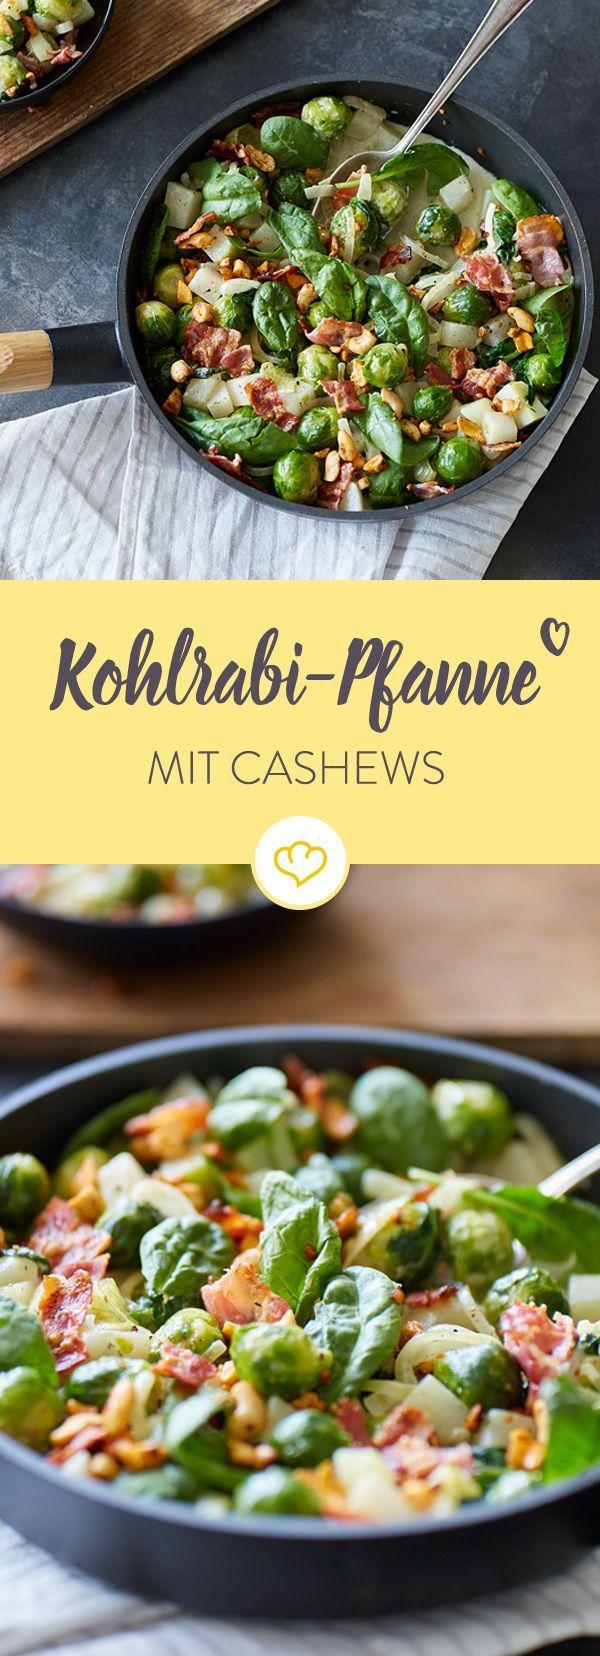 Kohlrabi und Rosenkohl suhlen sich mit Spinat und Sahne in der Pfanne und warten auf knusprigen Bacon und würzige Cashews - lecker und schnell gemacht!